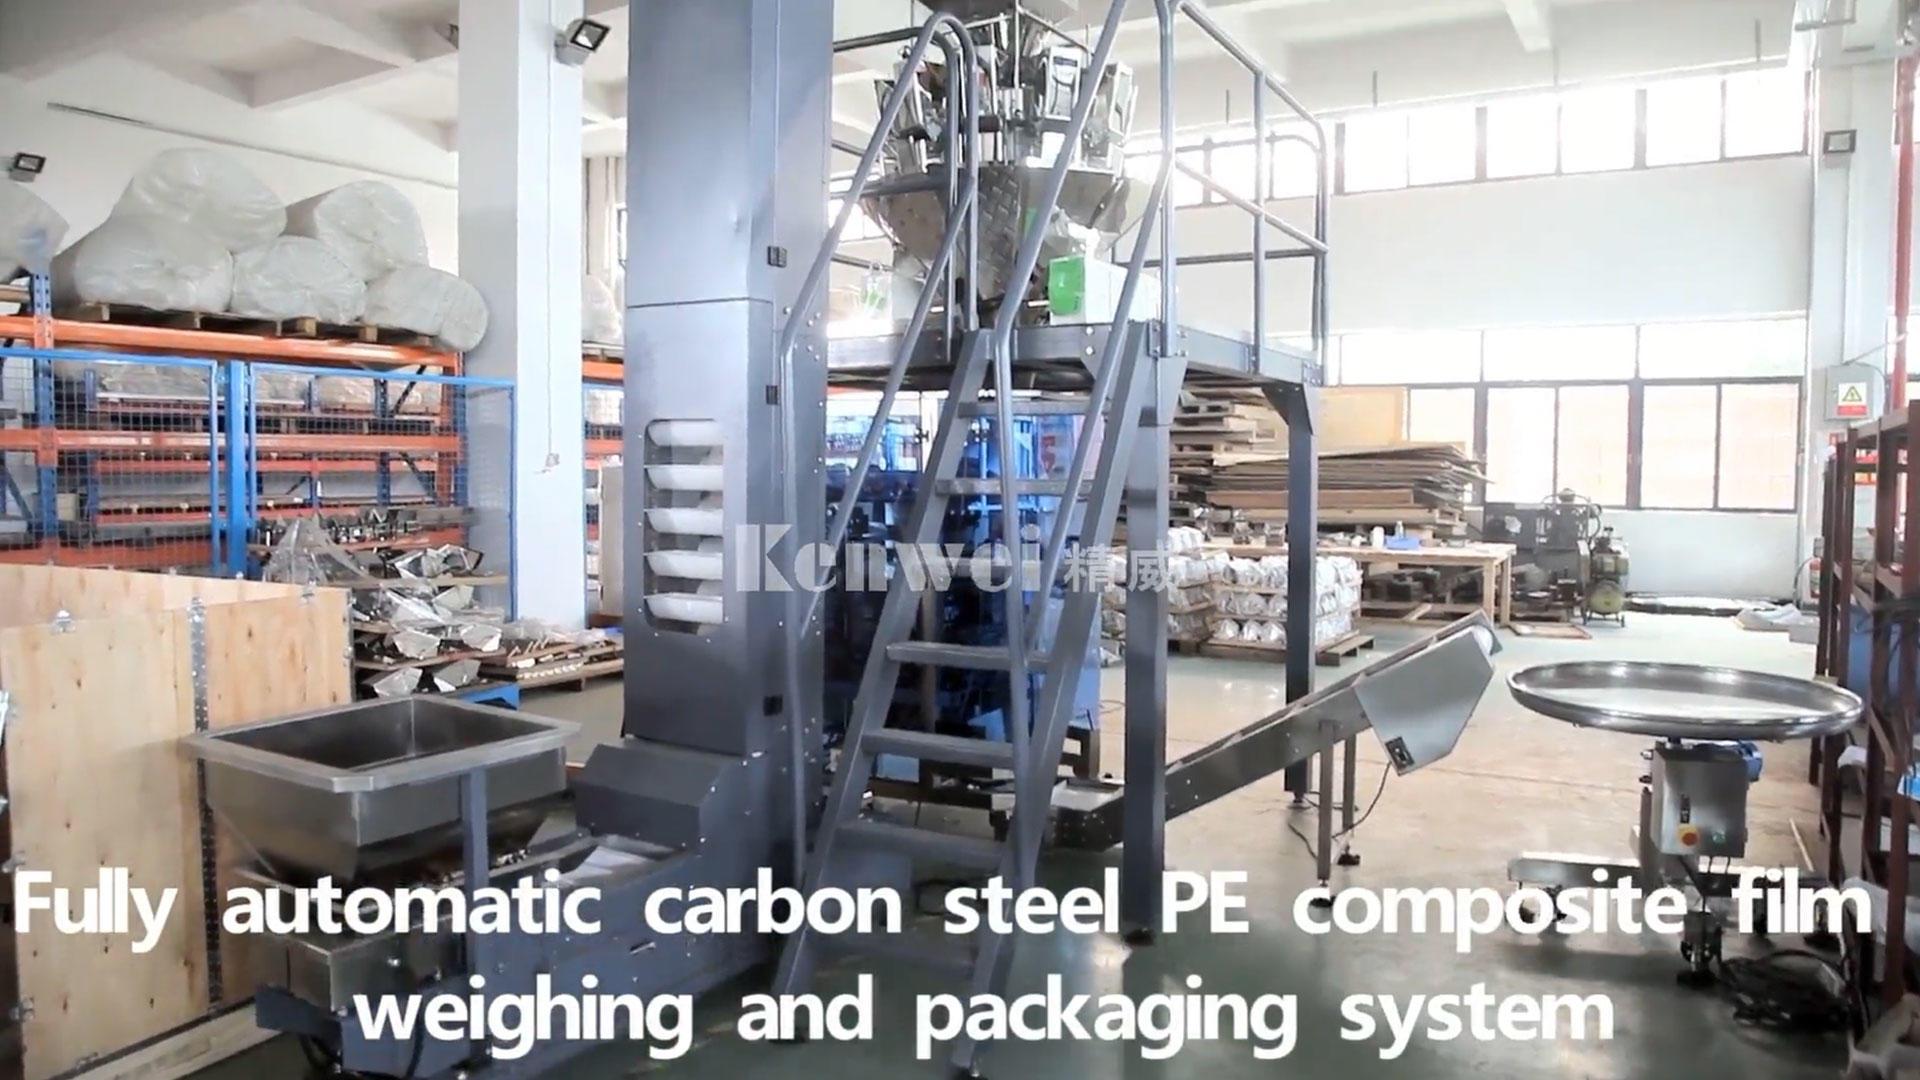 Sistema automático de balanzas y embalaje de película compuesta de película de acero al carbono PE